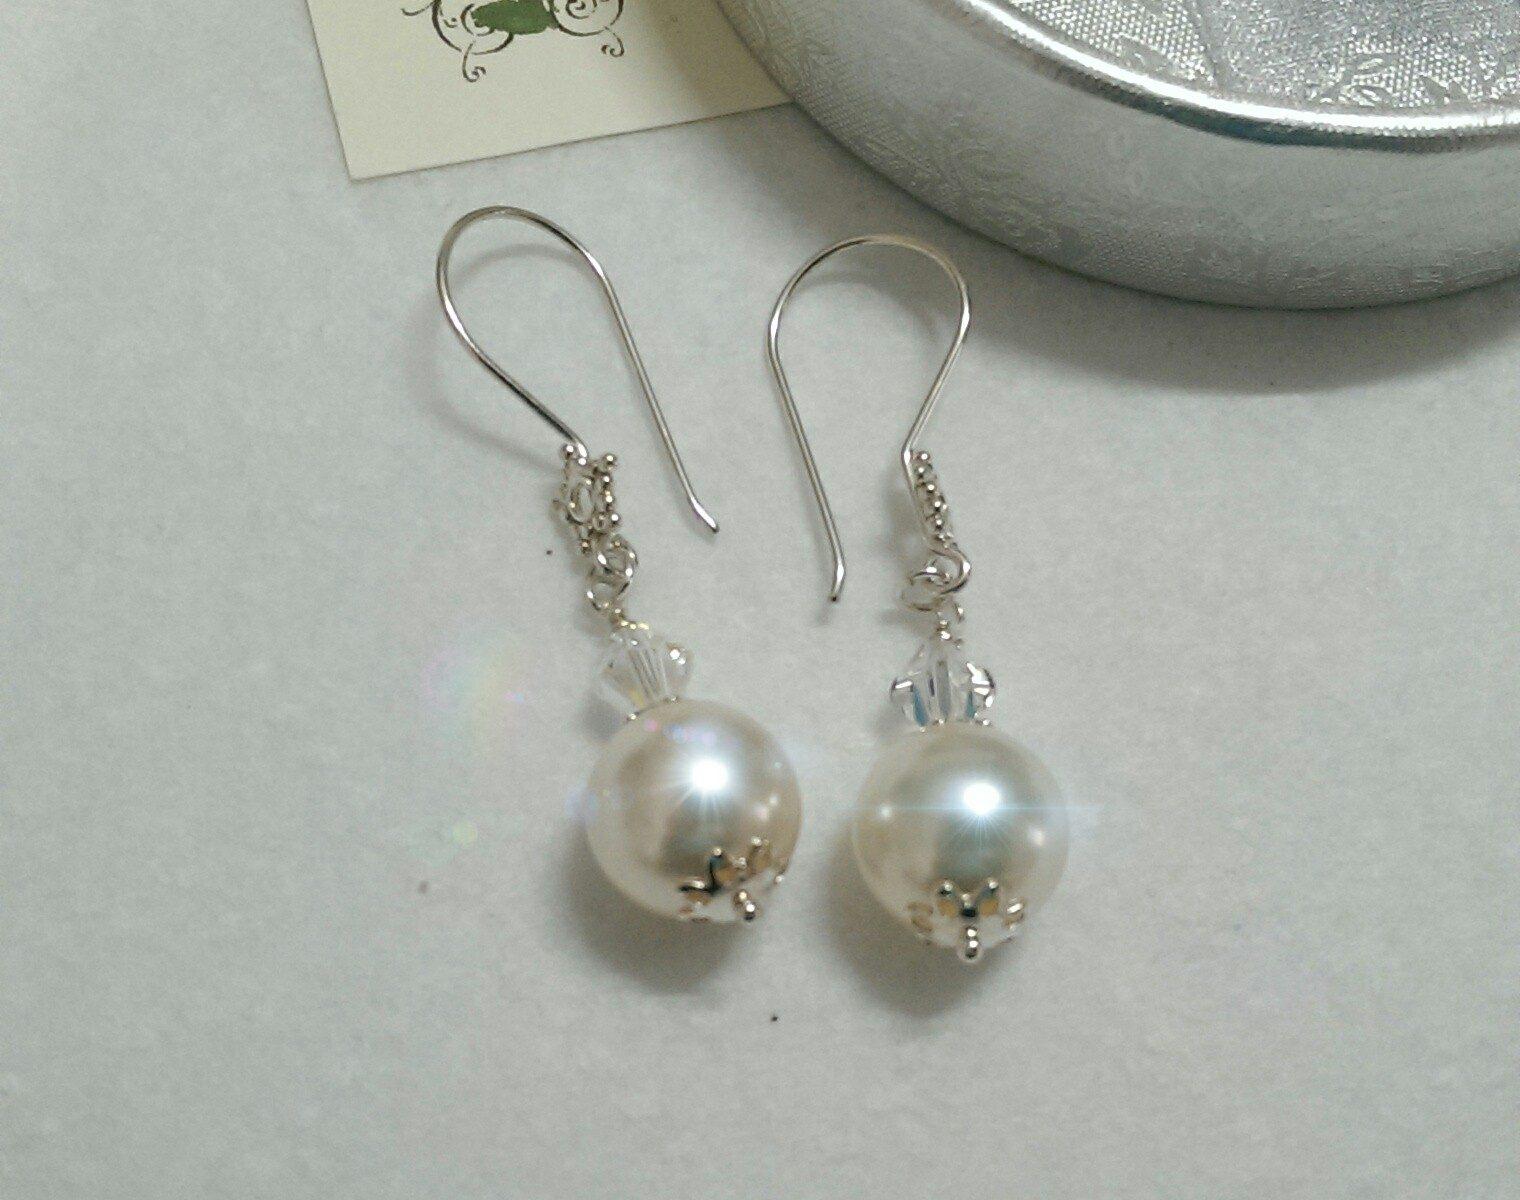 Orecchini pendenti in argento 925 e perle di swarovski